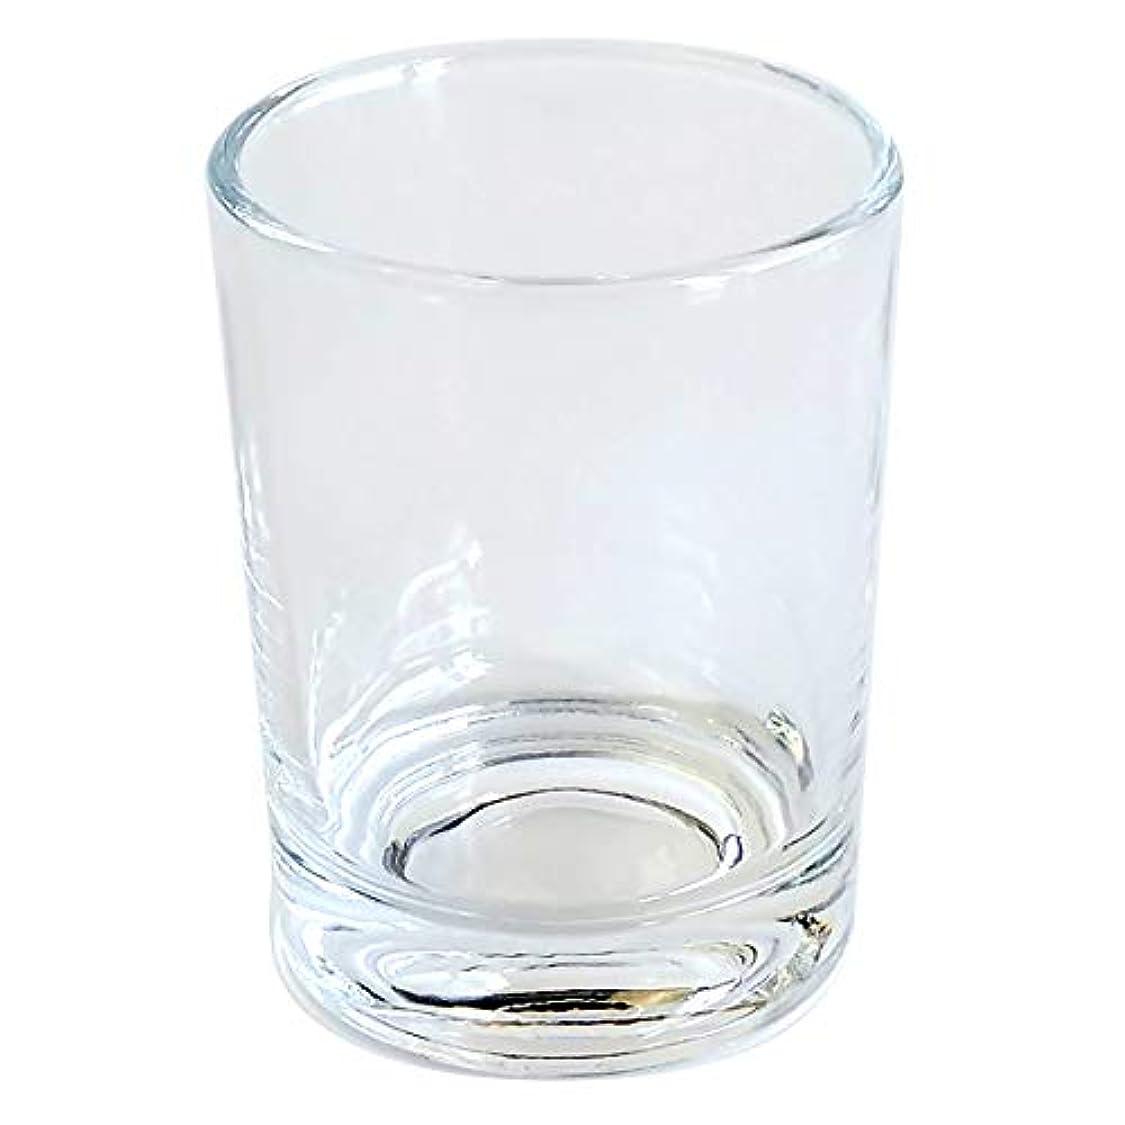 サーキュレーションポゴスティックジャンプ吐き出すキャンドルホルダー ガラス シンプル[大] 105個【キャンドルスタンド ろうそく立て 燭台 おしゃれ】